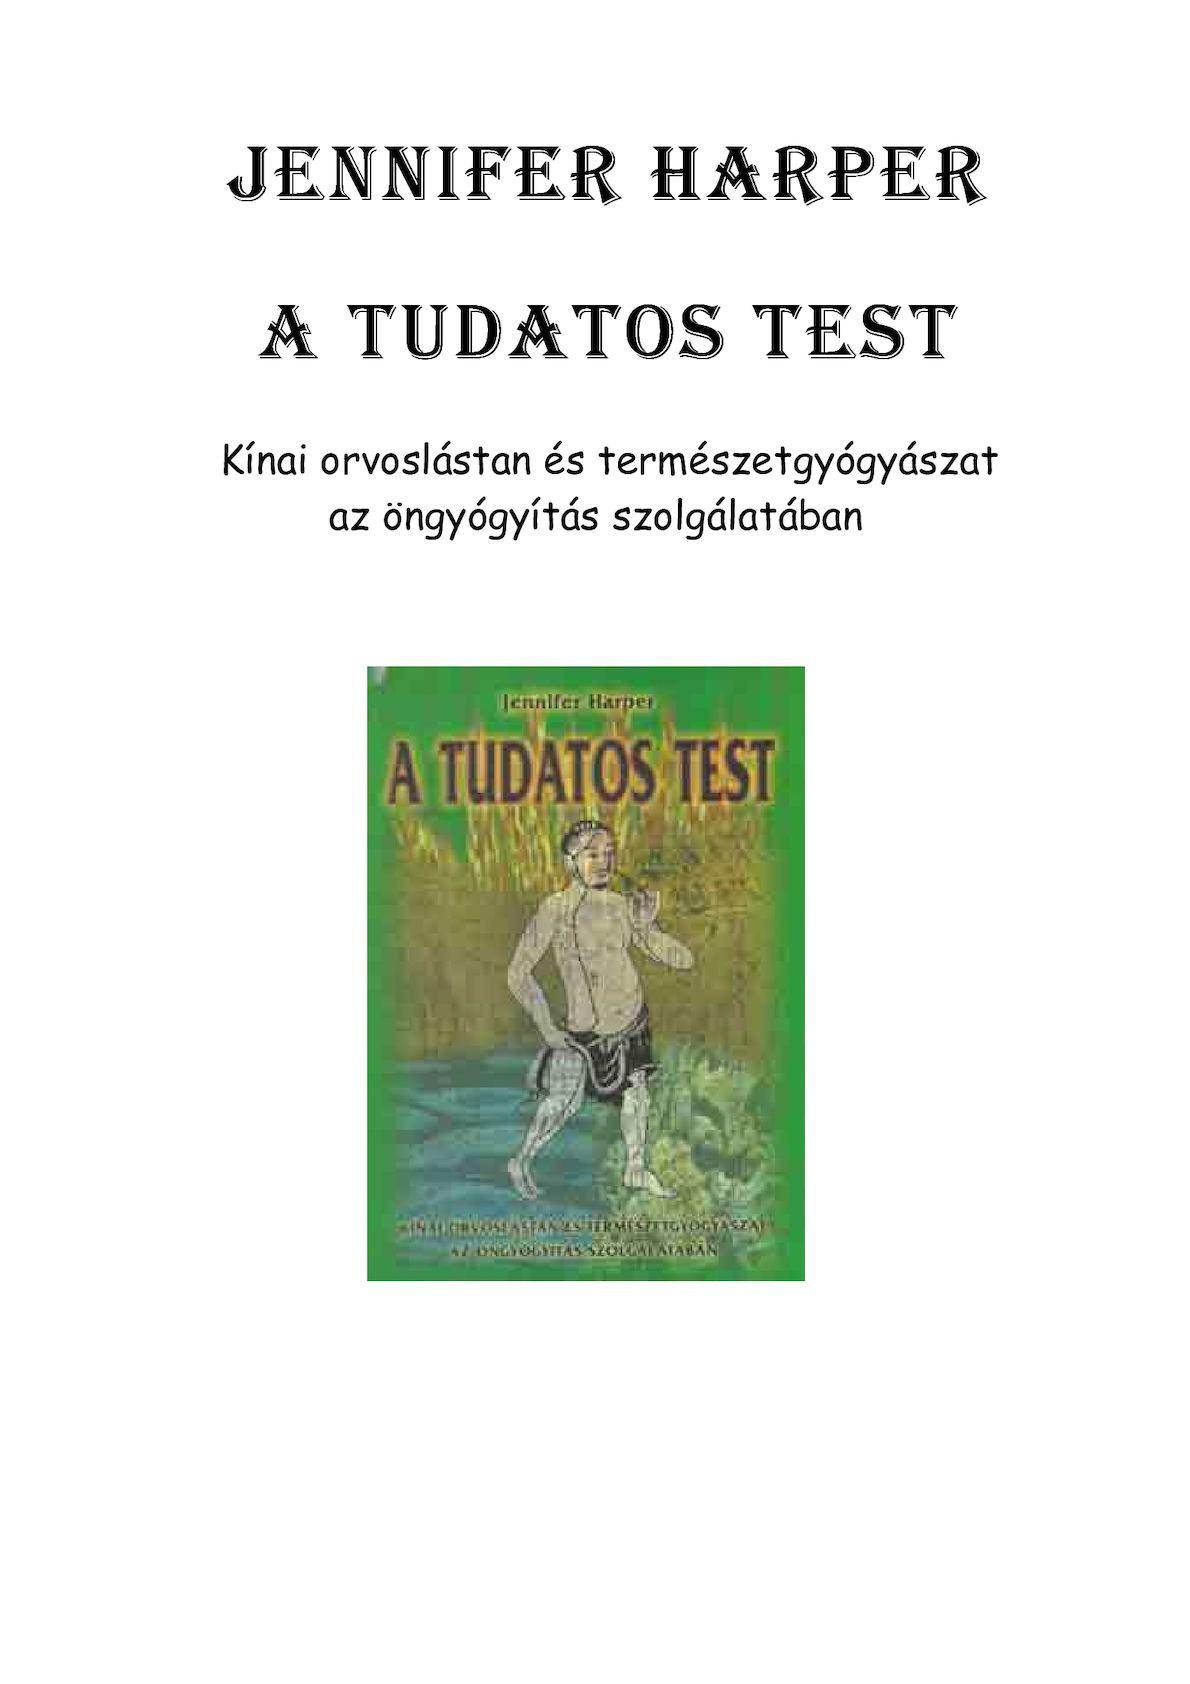 Méregtelenítés teszt - gal-kuria.hu